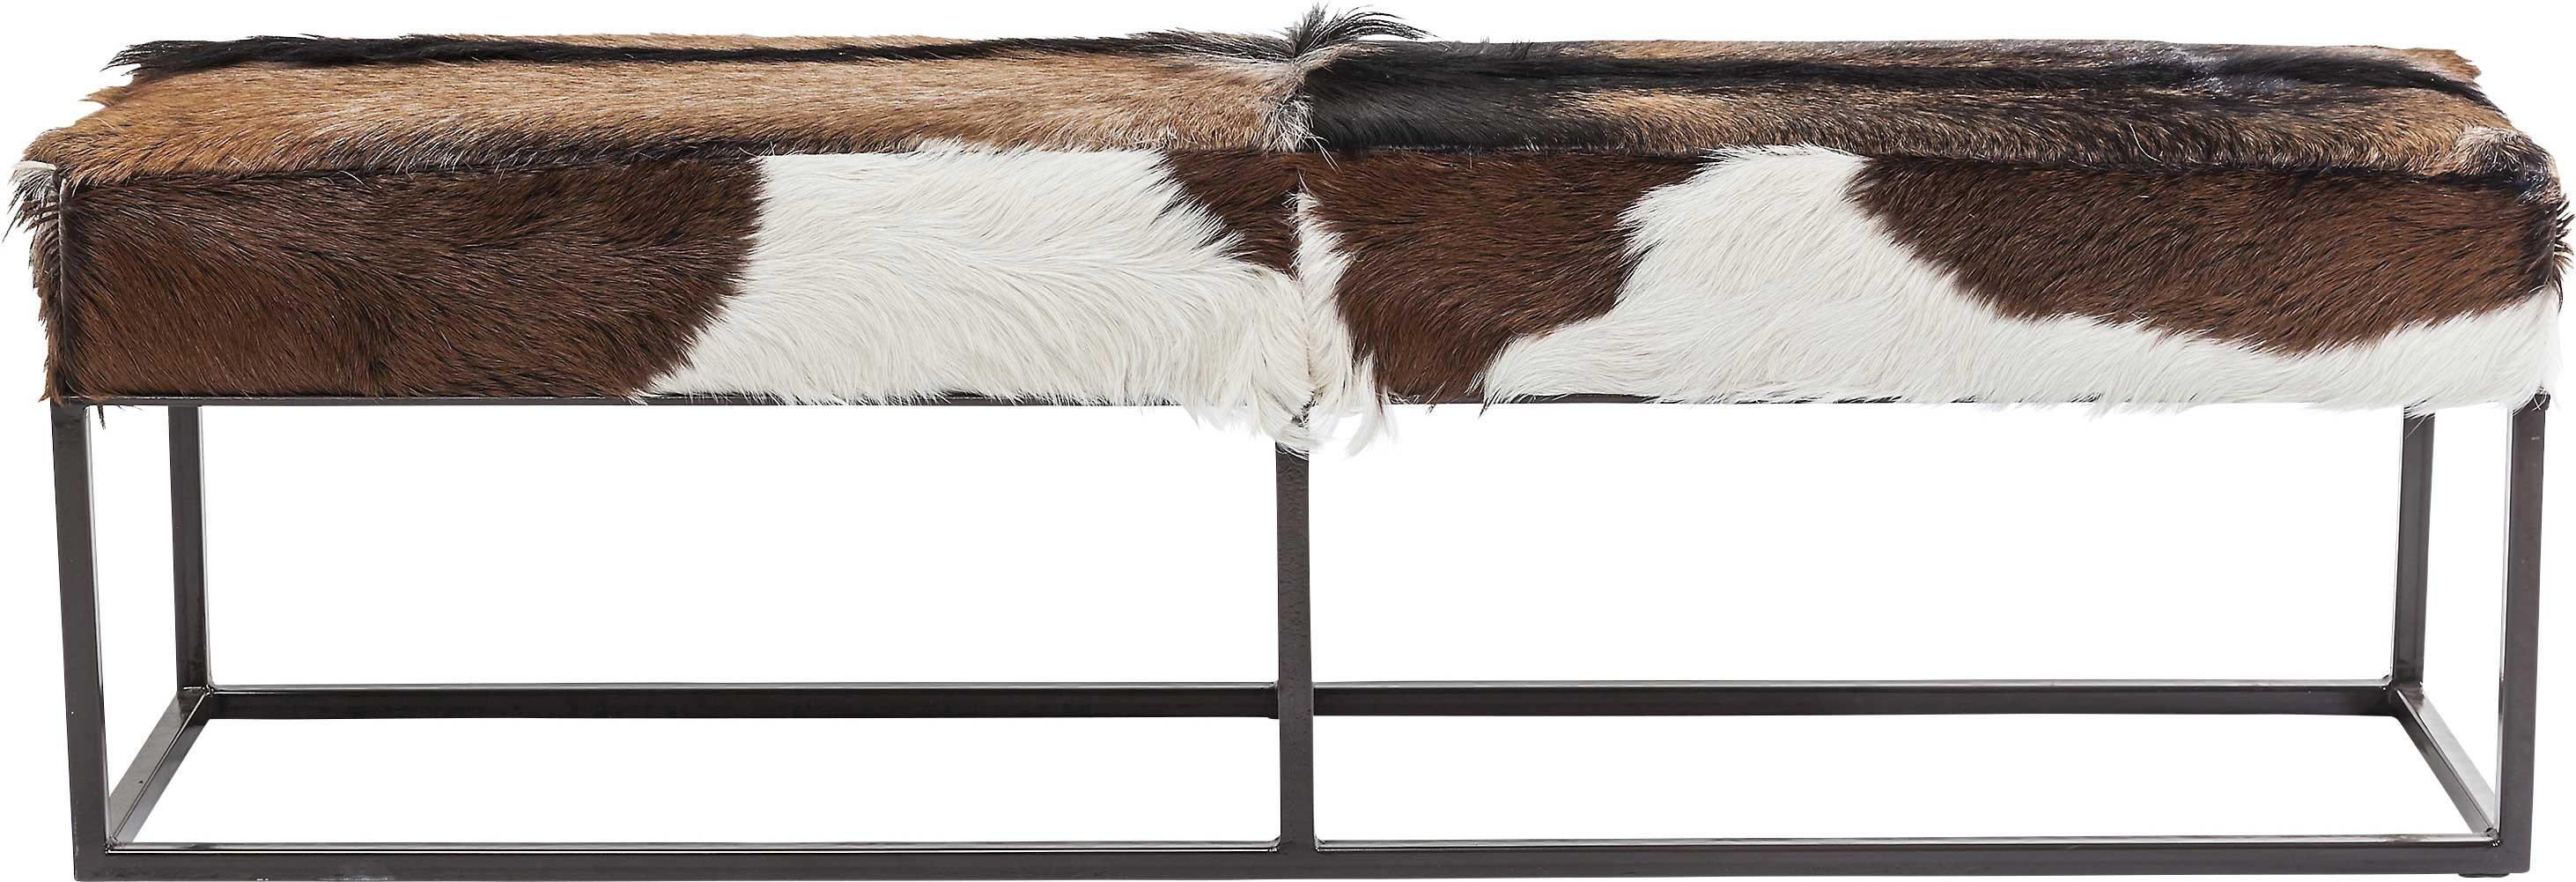 maison du monde Banc 2 places en peau de chèvre et acier